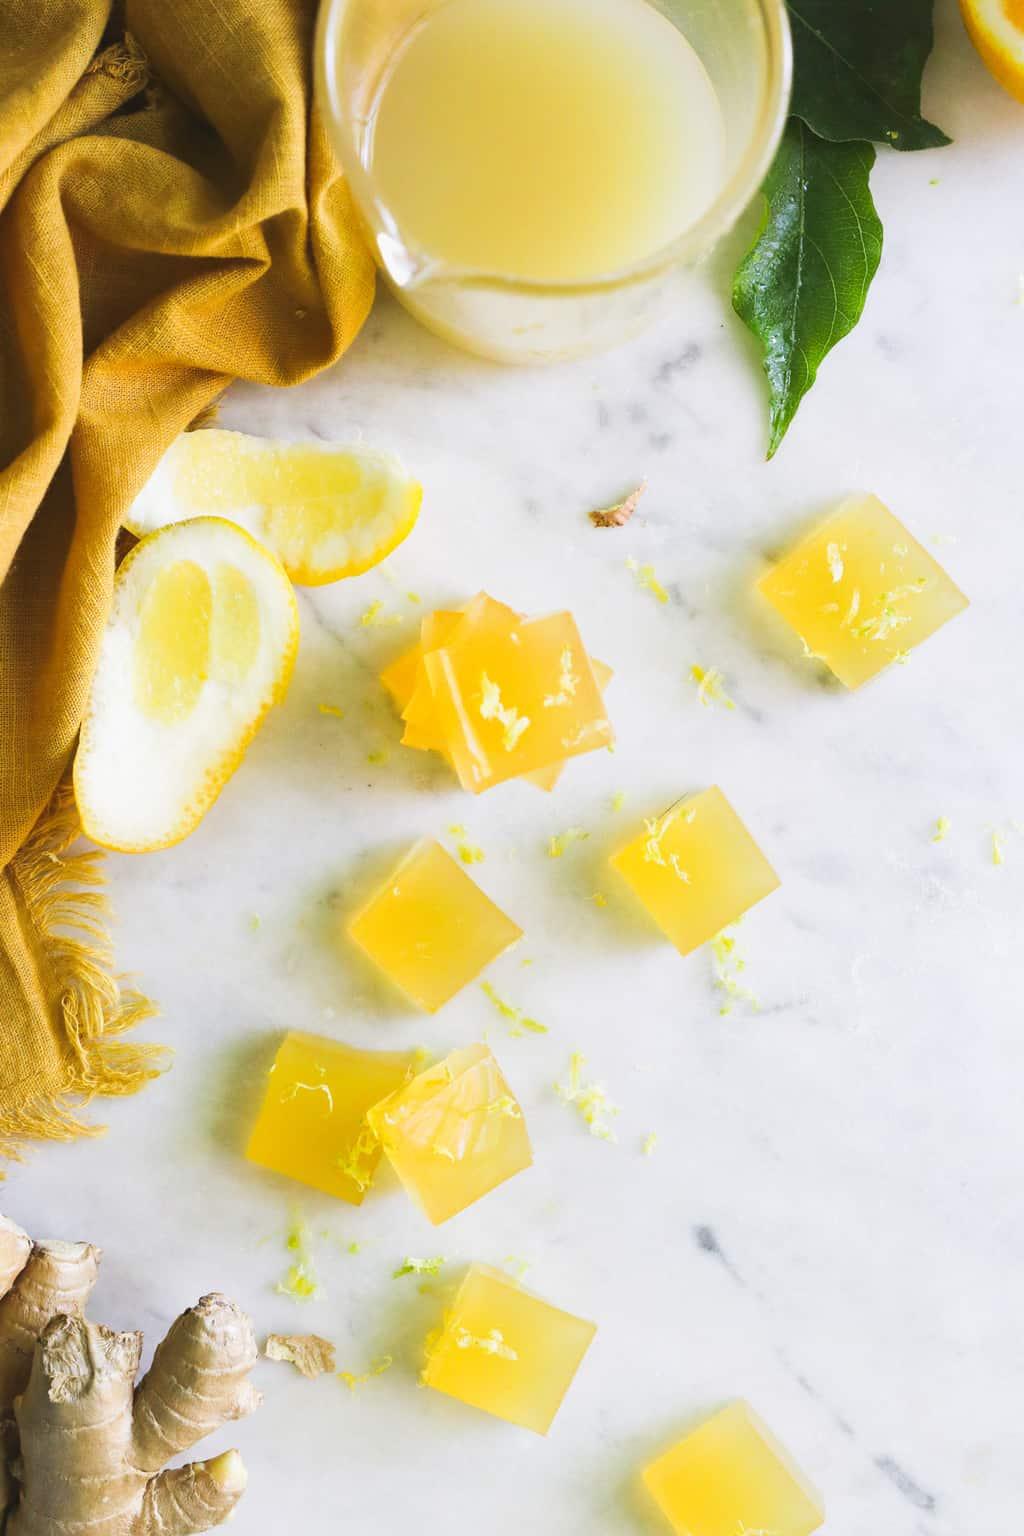 Natural Fruit Gummies Recipe + Benefits of Eating Gelatin